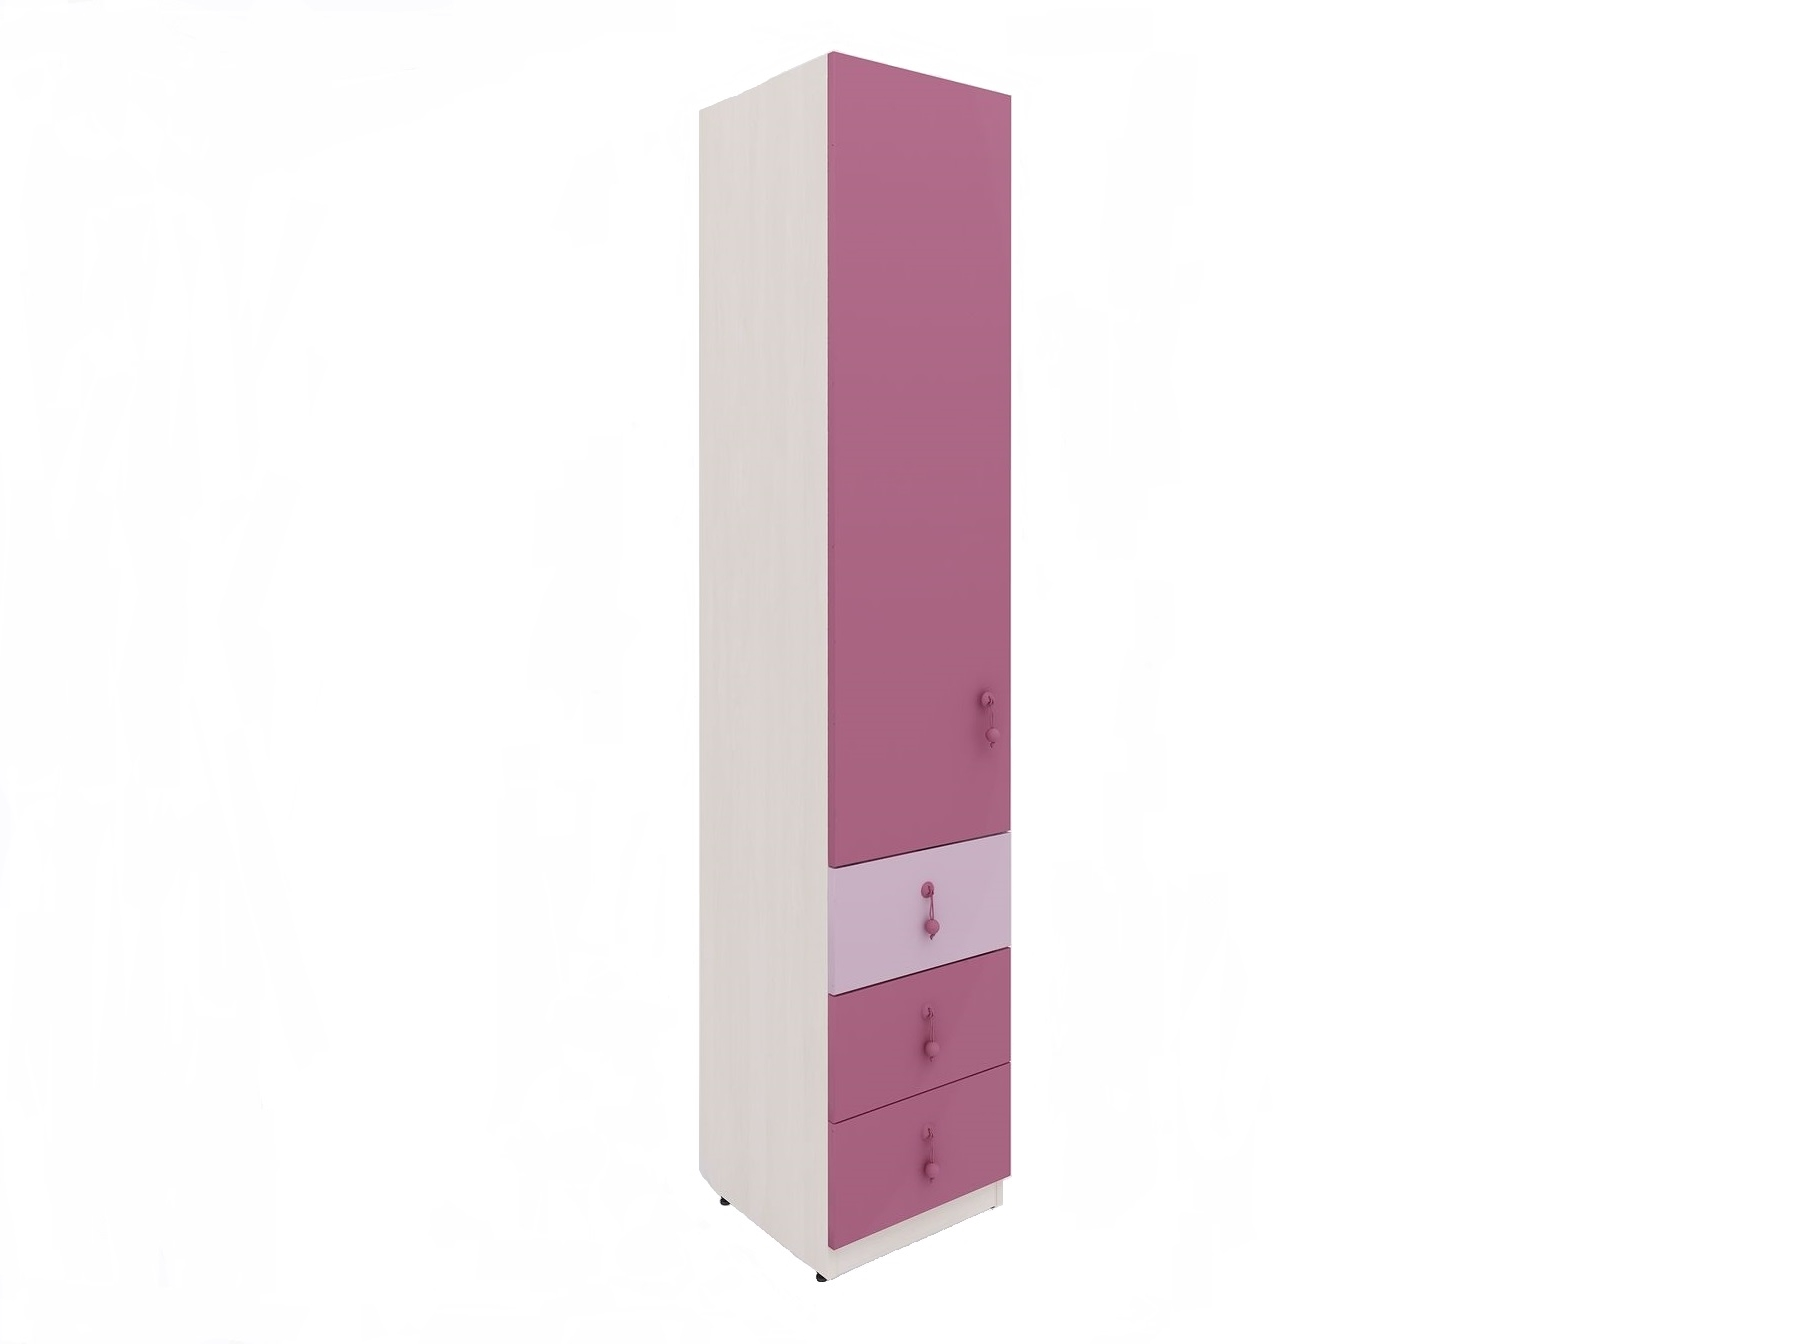 Lenza Dětská skříň Mia 41 x 210 x 45 cm